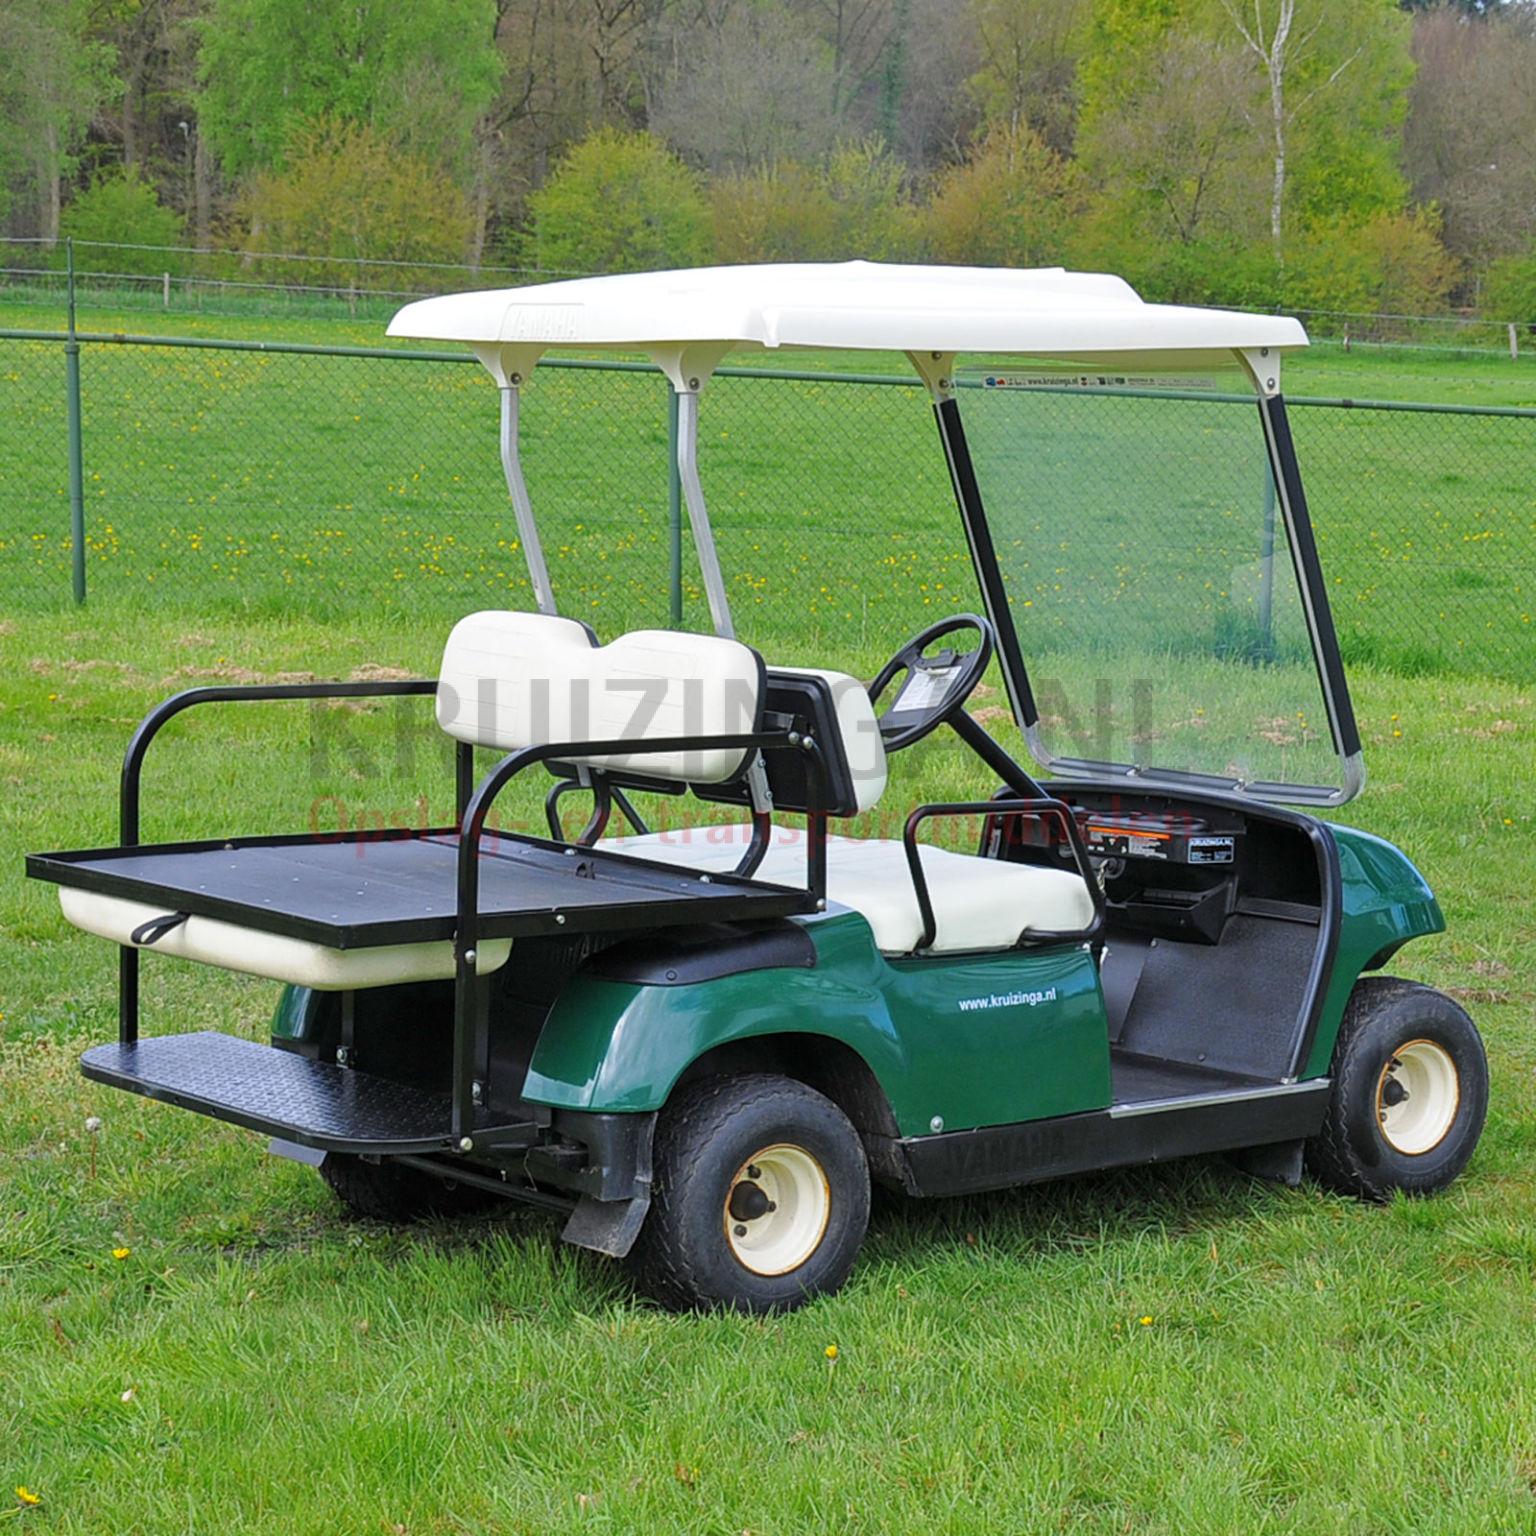 golfwagen yamaha f r 4 personen elektrisch gebraucht. Black Bedroom Furniture Sets. Home Design Ideas